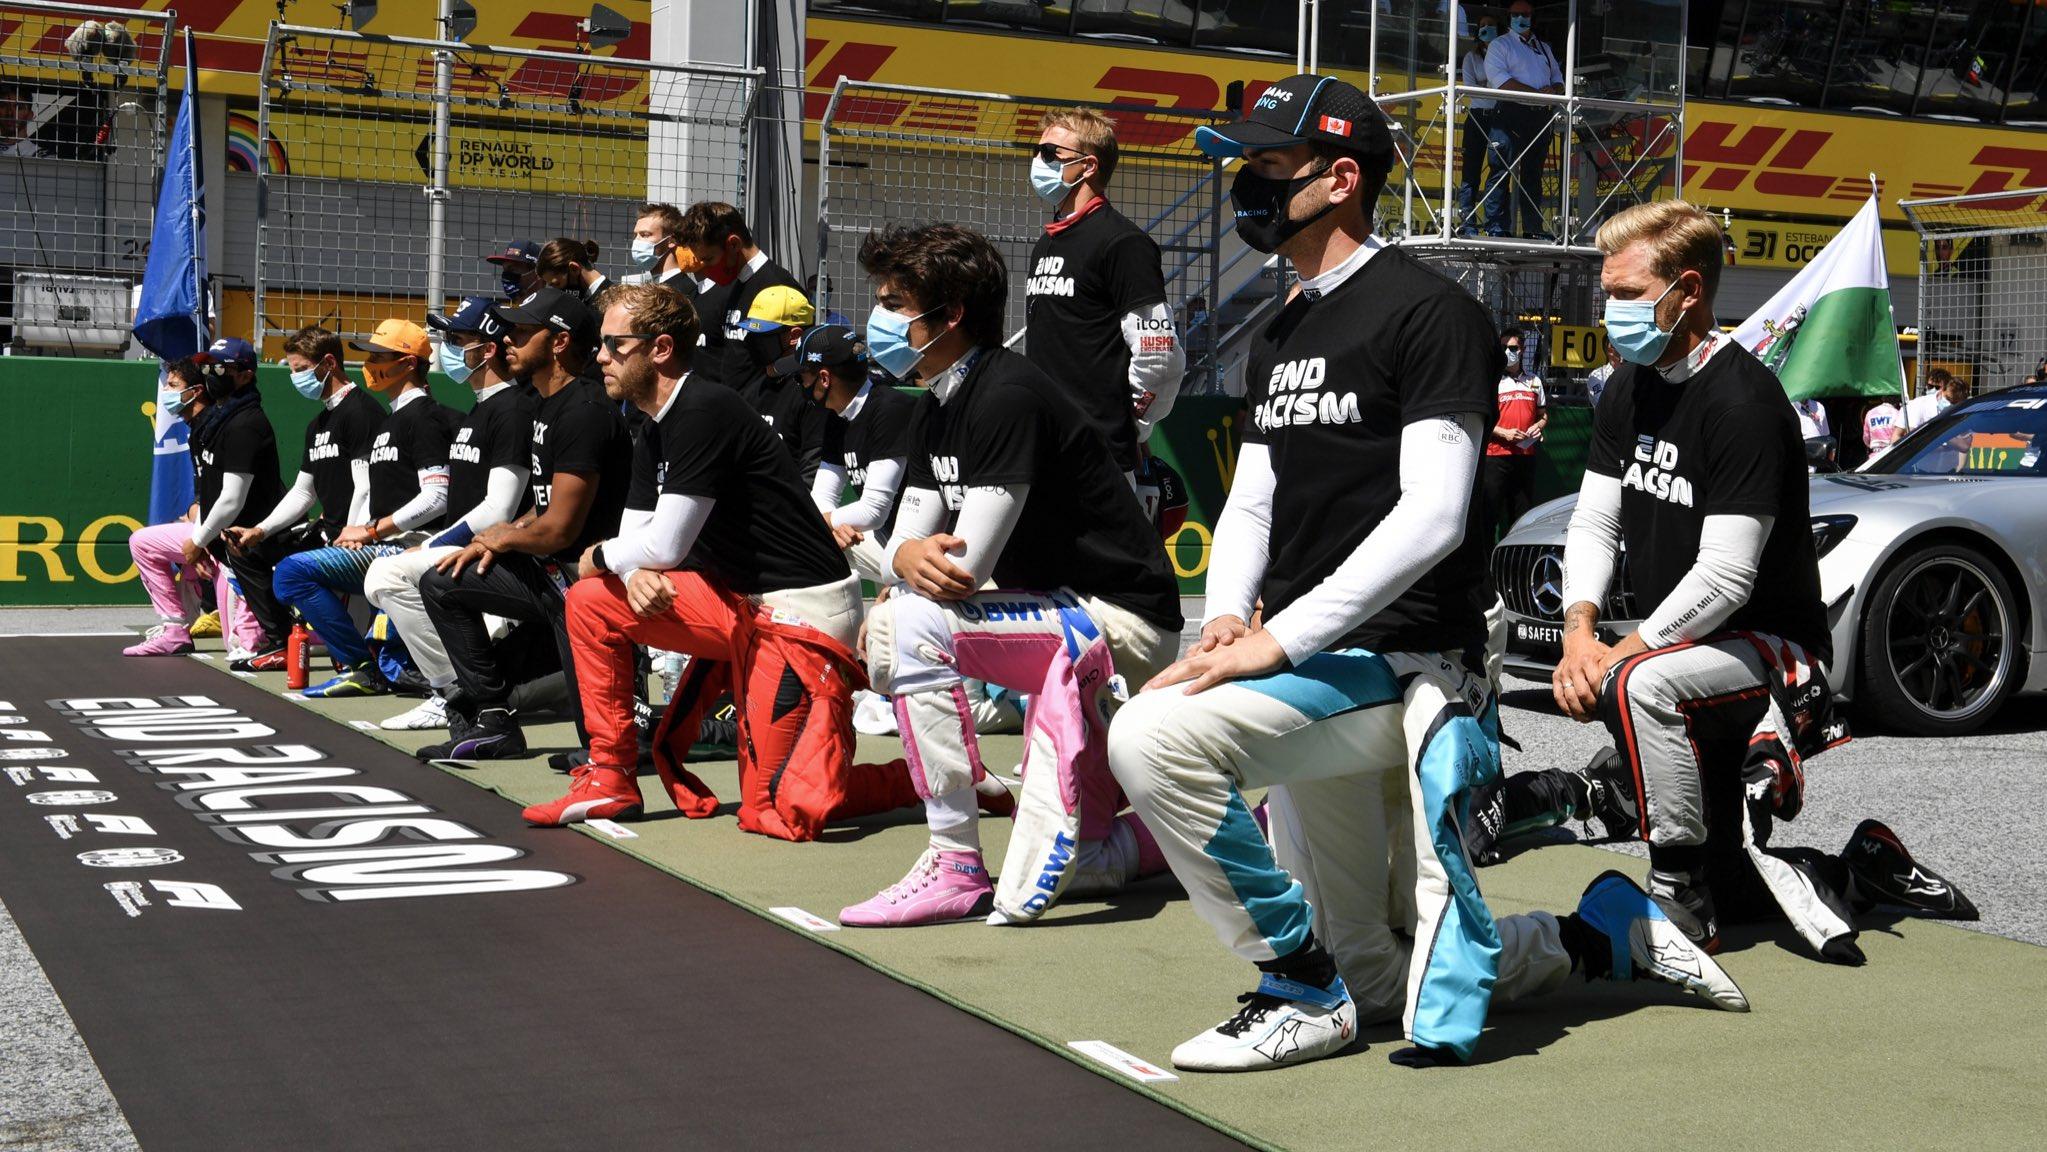 Manifestação antirracista F1, GP da Áustria 2020